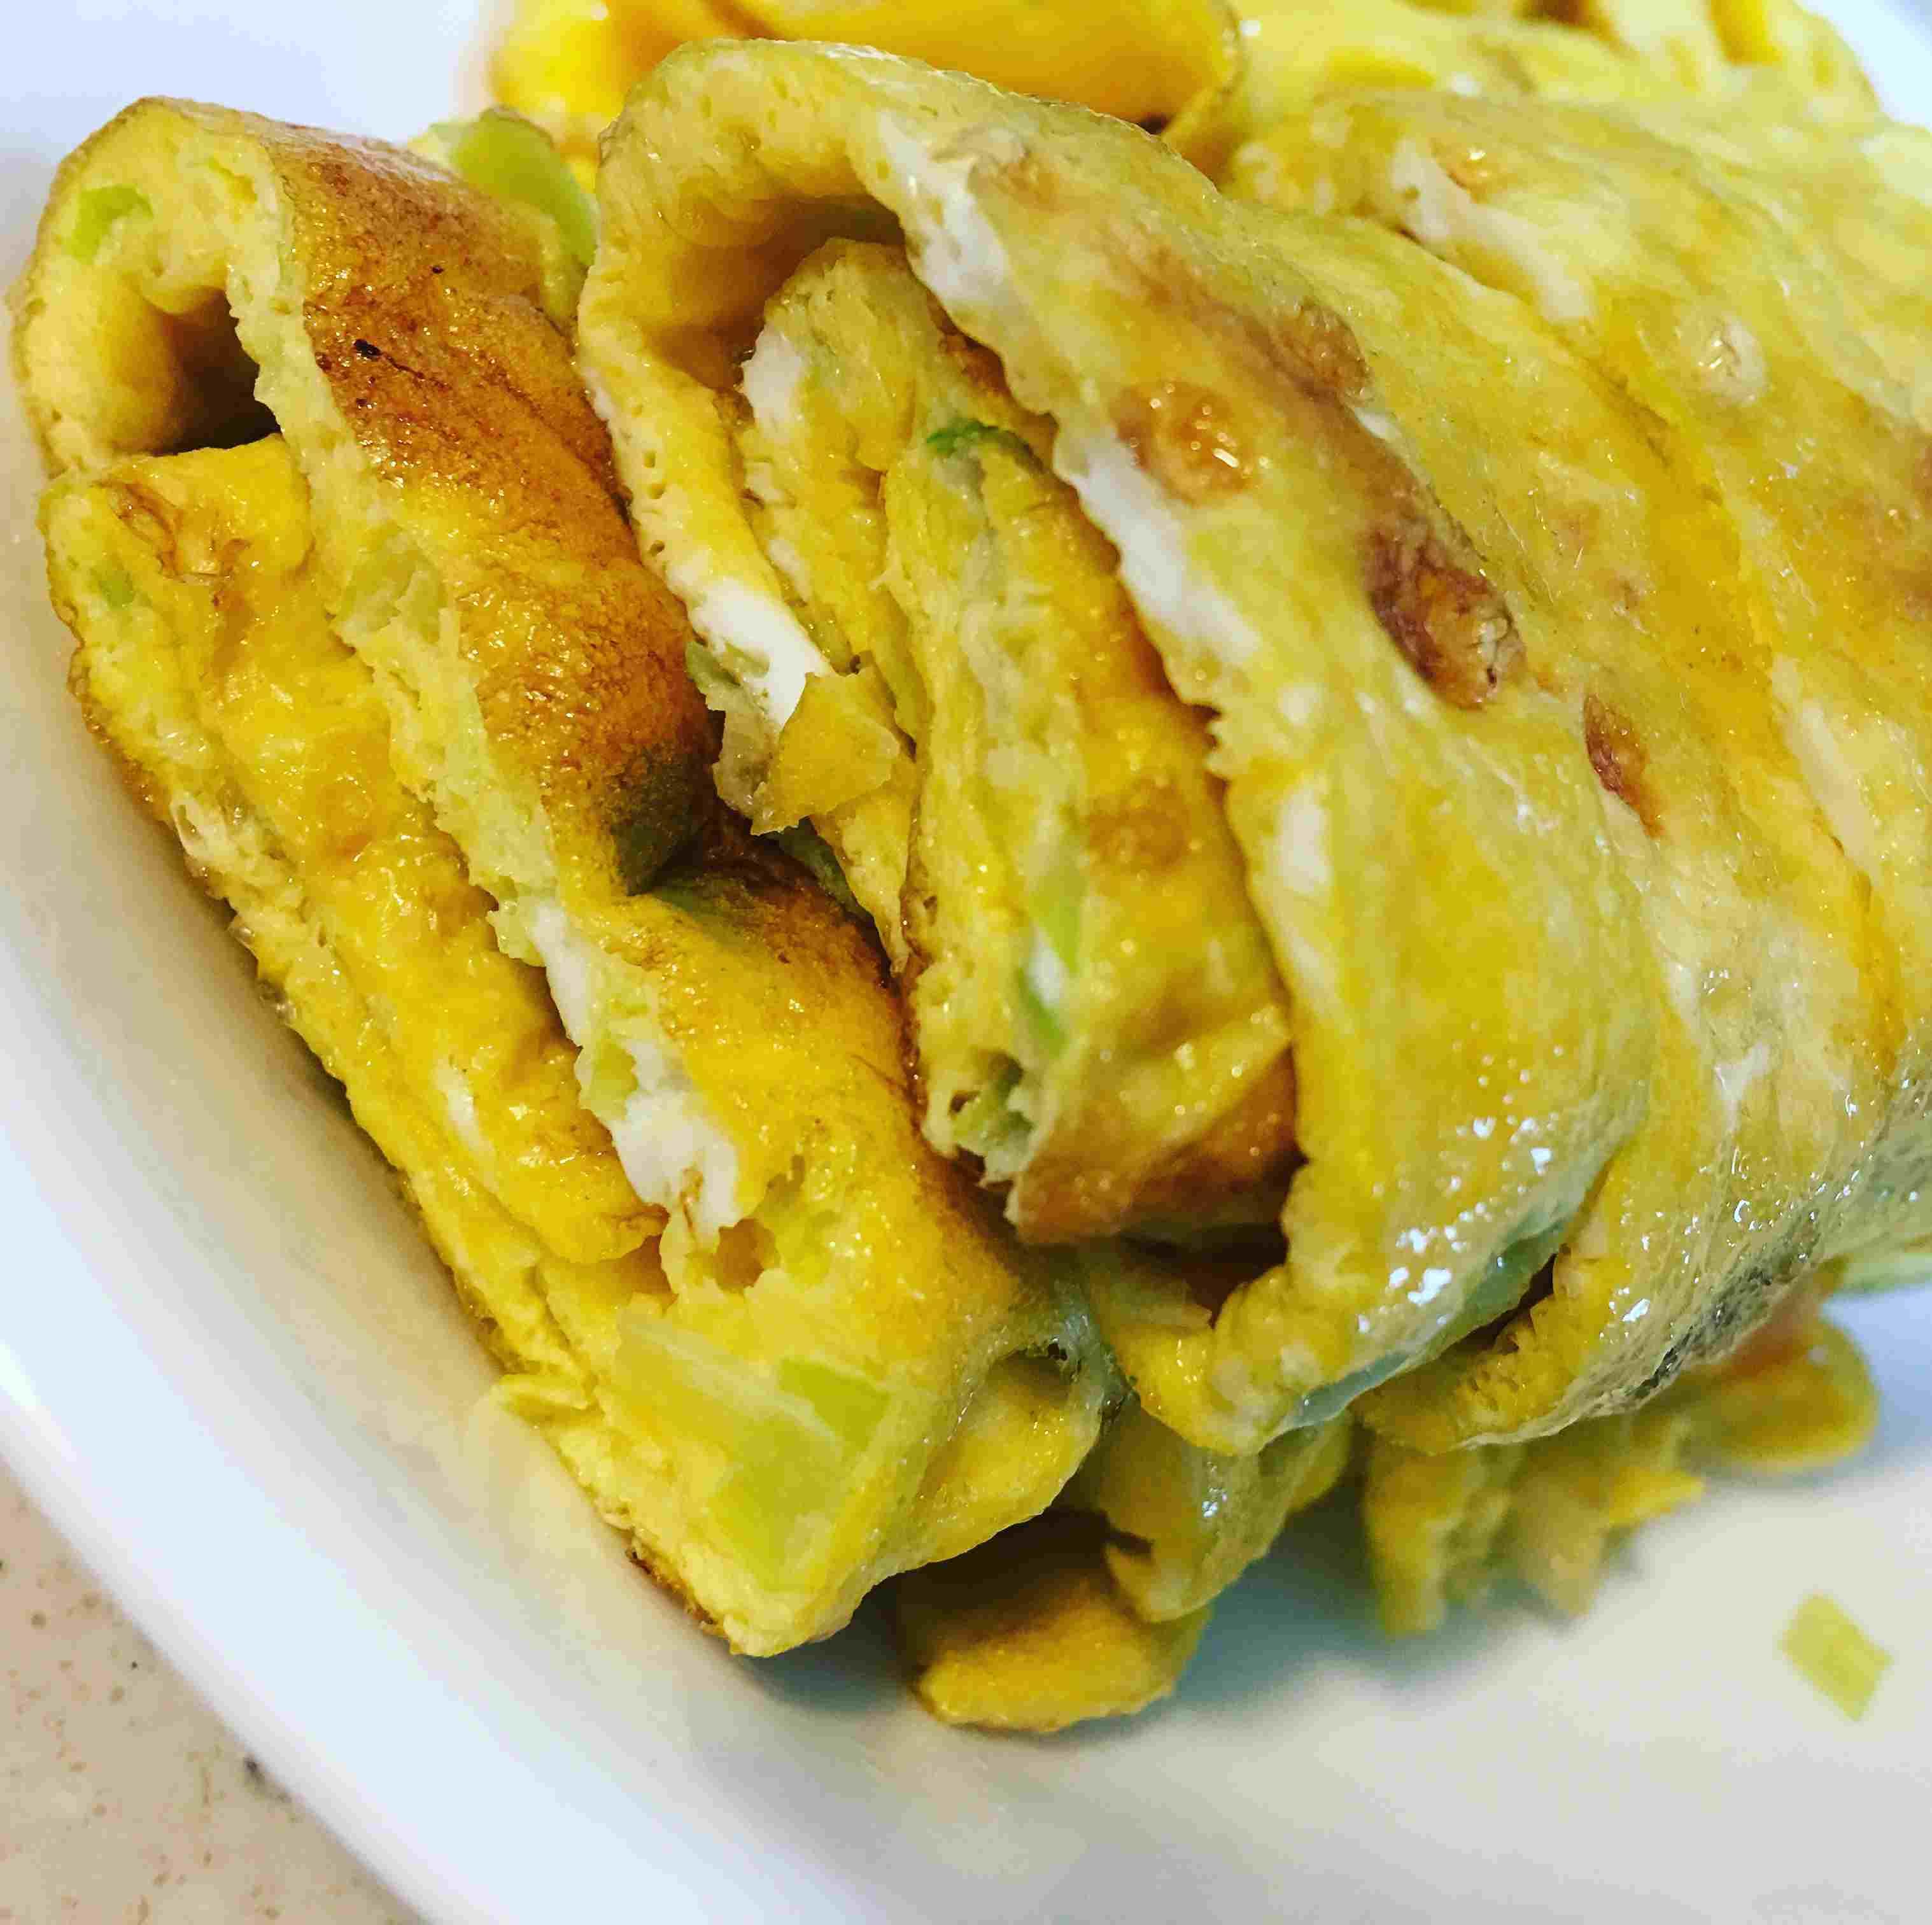 Korean style omelet